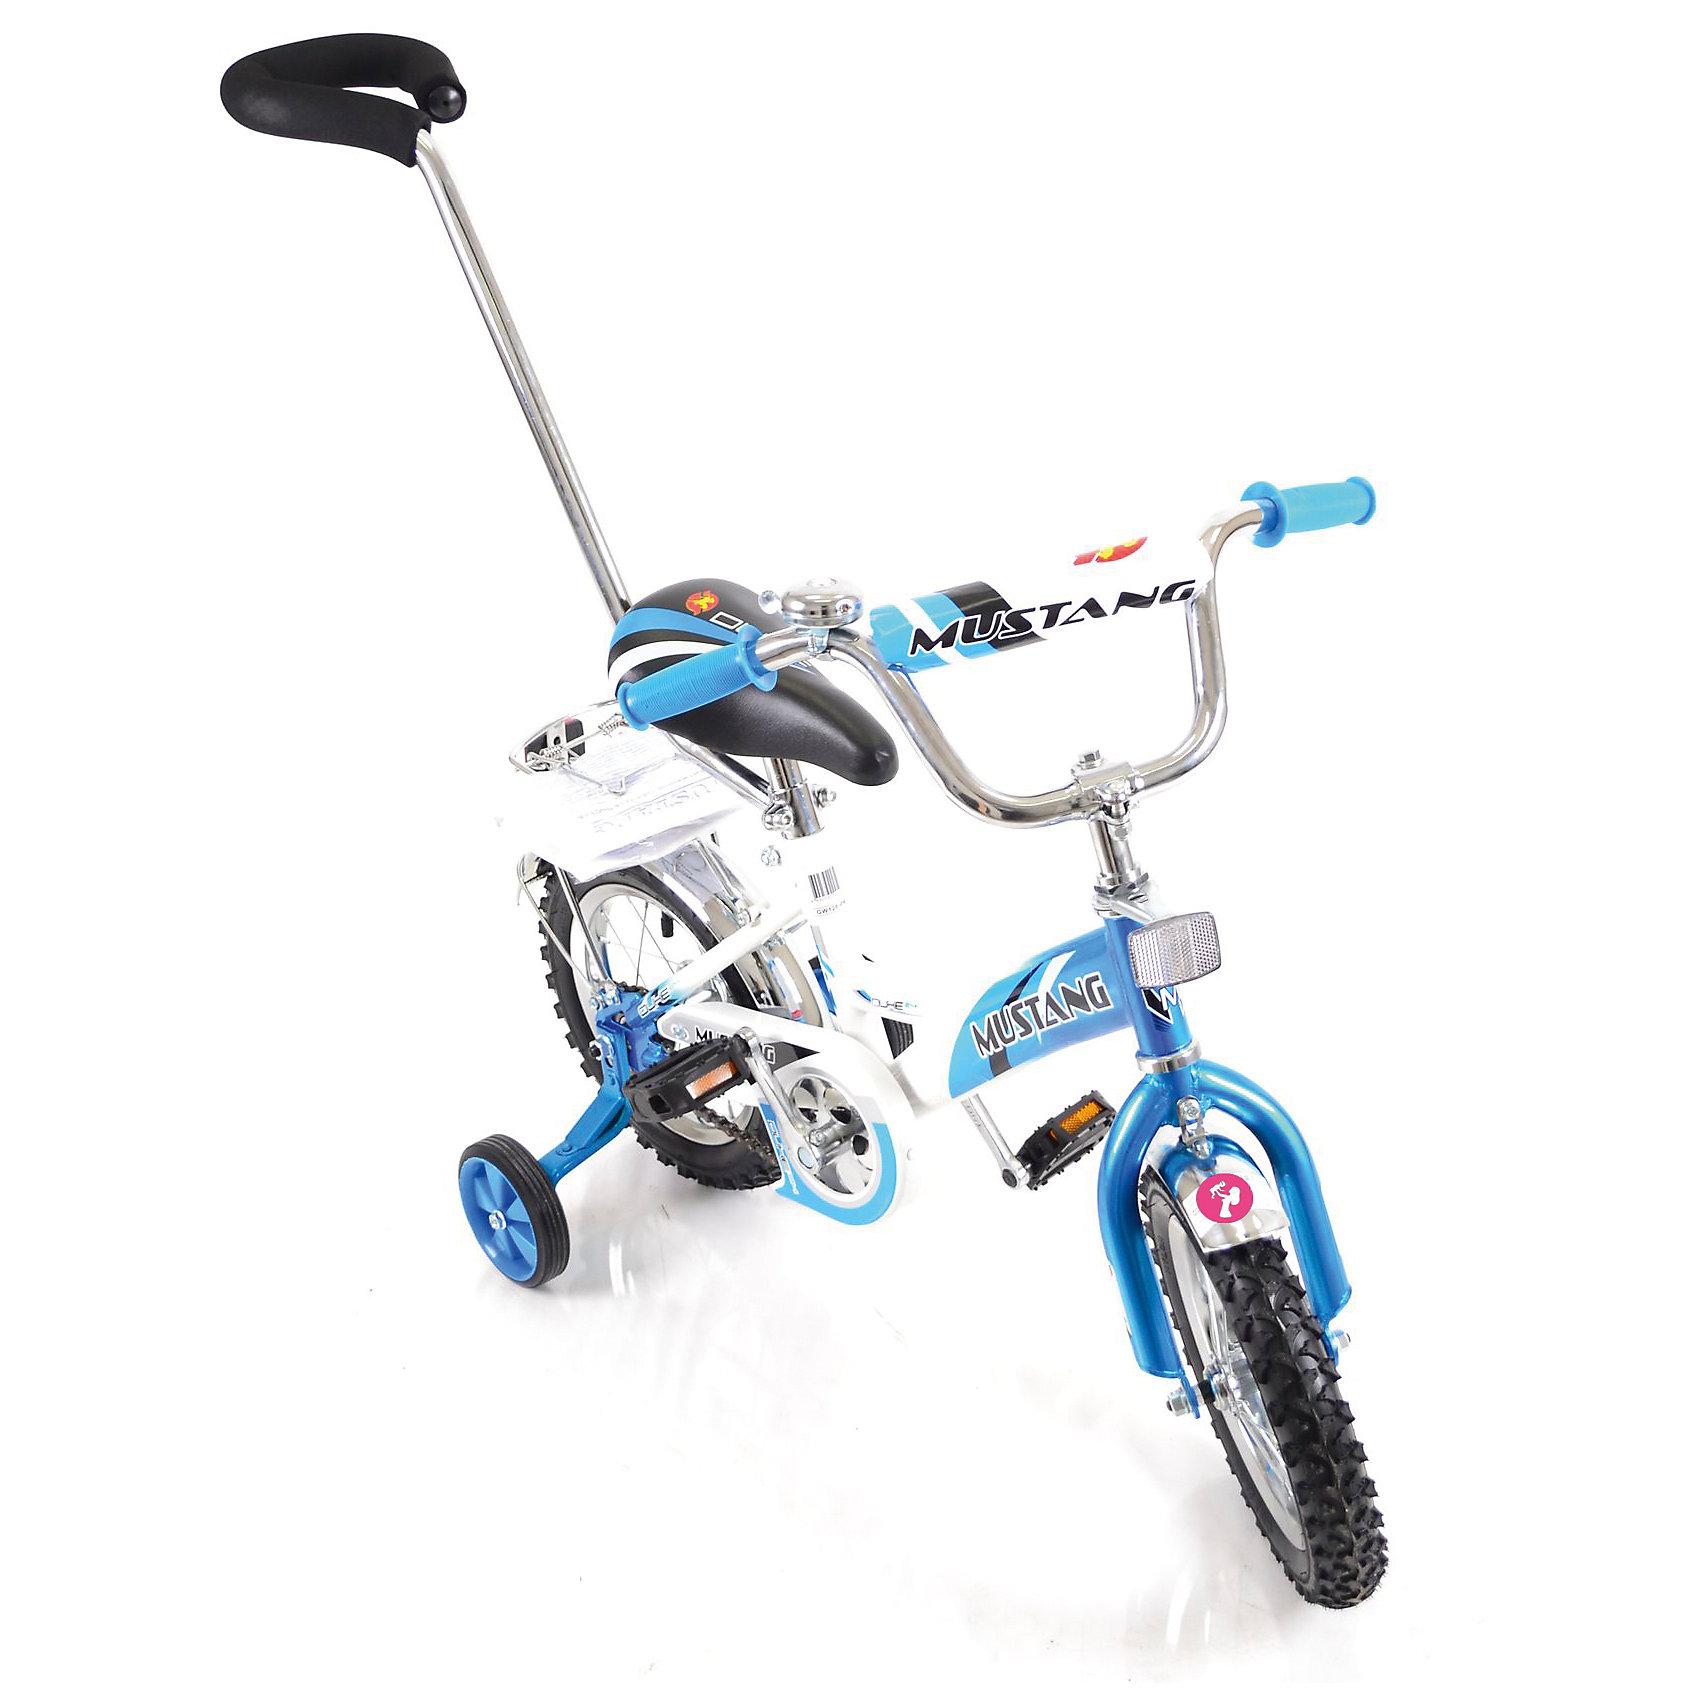 """Детский велосипед,  12,  синий/белый, MustangВелосипед детский «Mustang» 12"""", низкая рама, 1 скорость, задний ножной тормоз, регулируемый хромированный руль BMX с защитной накладкой, багажник и звонок, приставные пластиковые колеса с усиленным кронштейном, полная защита цепи """"P"""" типа, усиленные хромированные крылья, съемная ручка-толкатель, ограничитель поворота руля,  синий/белый<br><br>Ширина мм: 850<br>Глубина мм: 500<br>Высота мм: 900<br>Вес г: 10400<br>Возраст от месяцев: 12<br>Возраст до месяцев: 60<br>Пол: Мужской<br>Возраст: Детский<br>SKU: 5526392"""